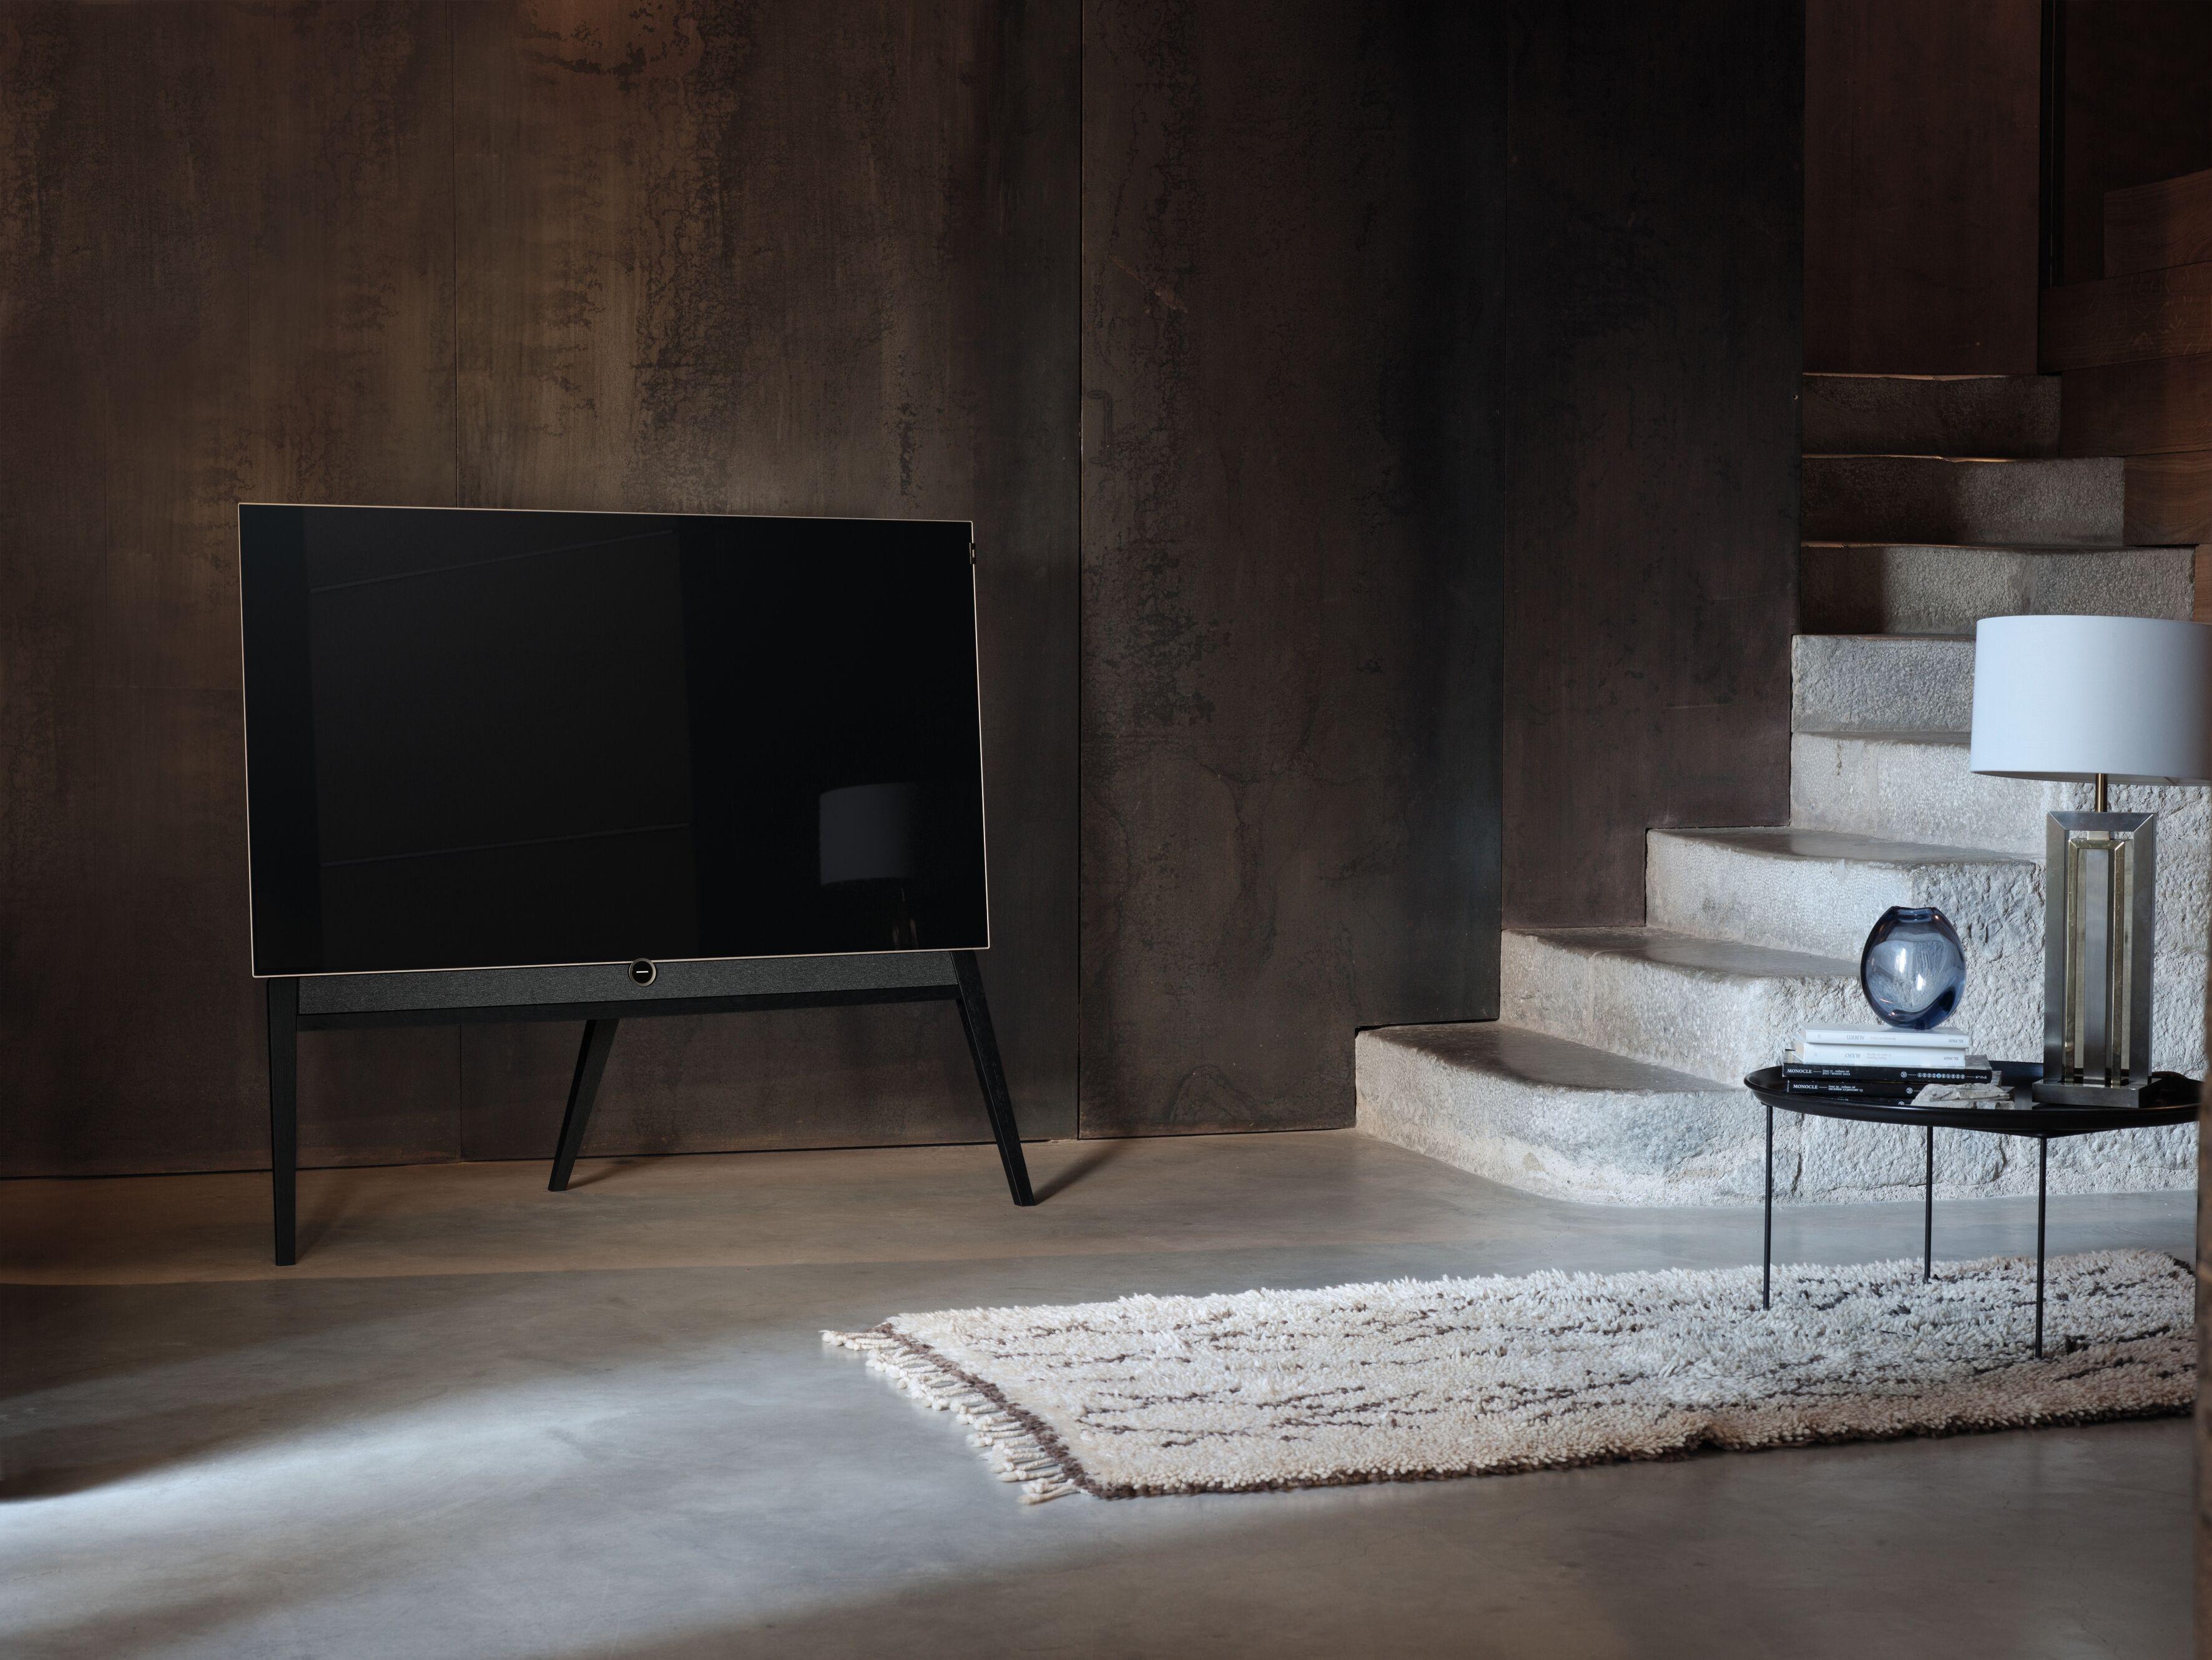 loewe pr sentiert personalisierten fernseher insidenews. Black Bedroom Furniture Sets. Home Design Ideas